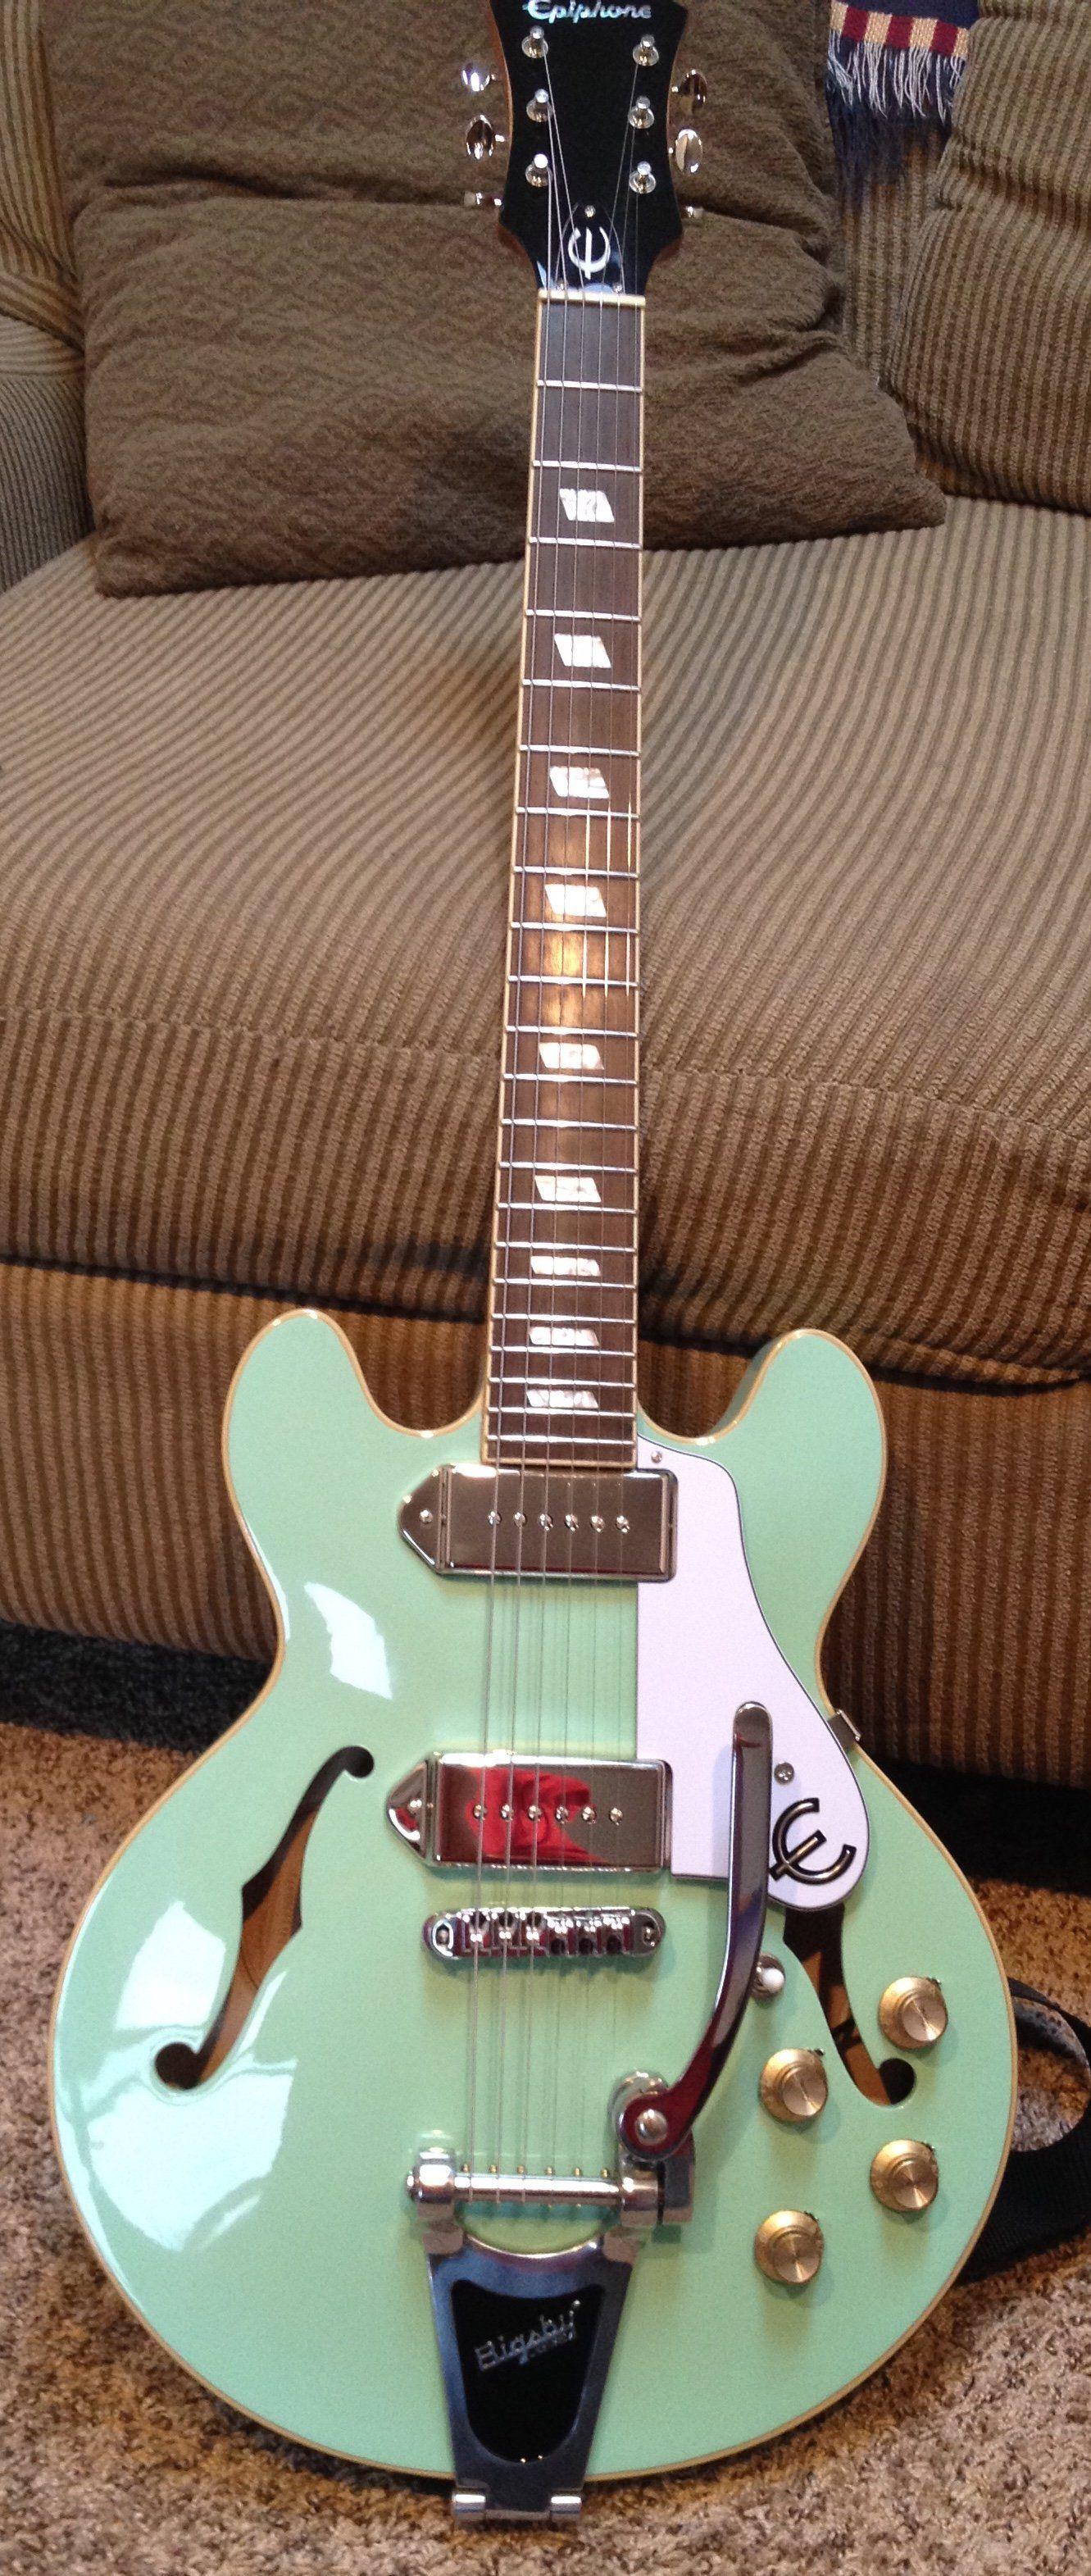 Sea foam green Epiphone Casino Coupe. エレキギター, ギター, 音楽